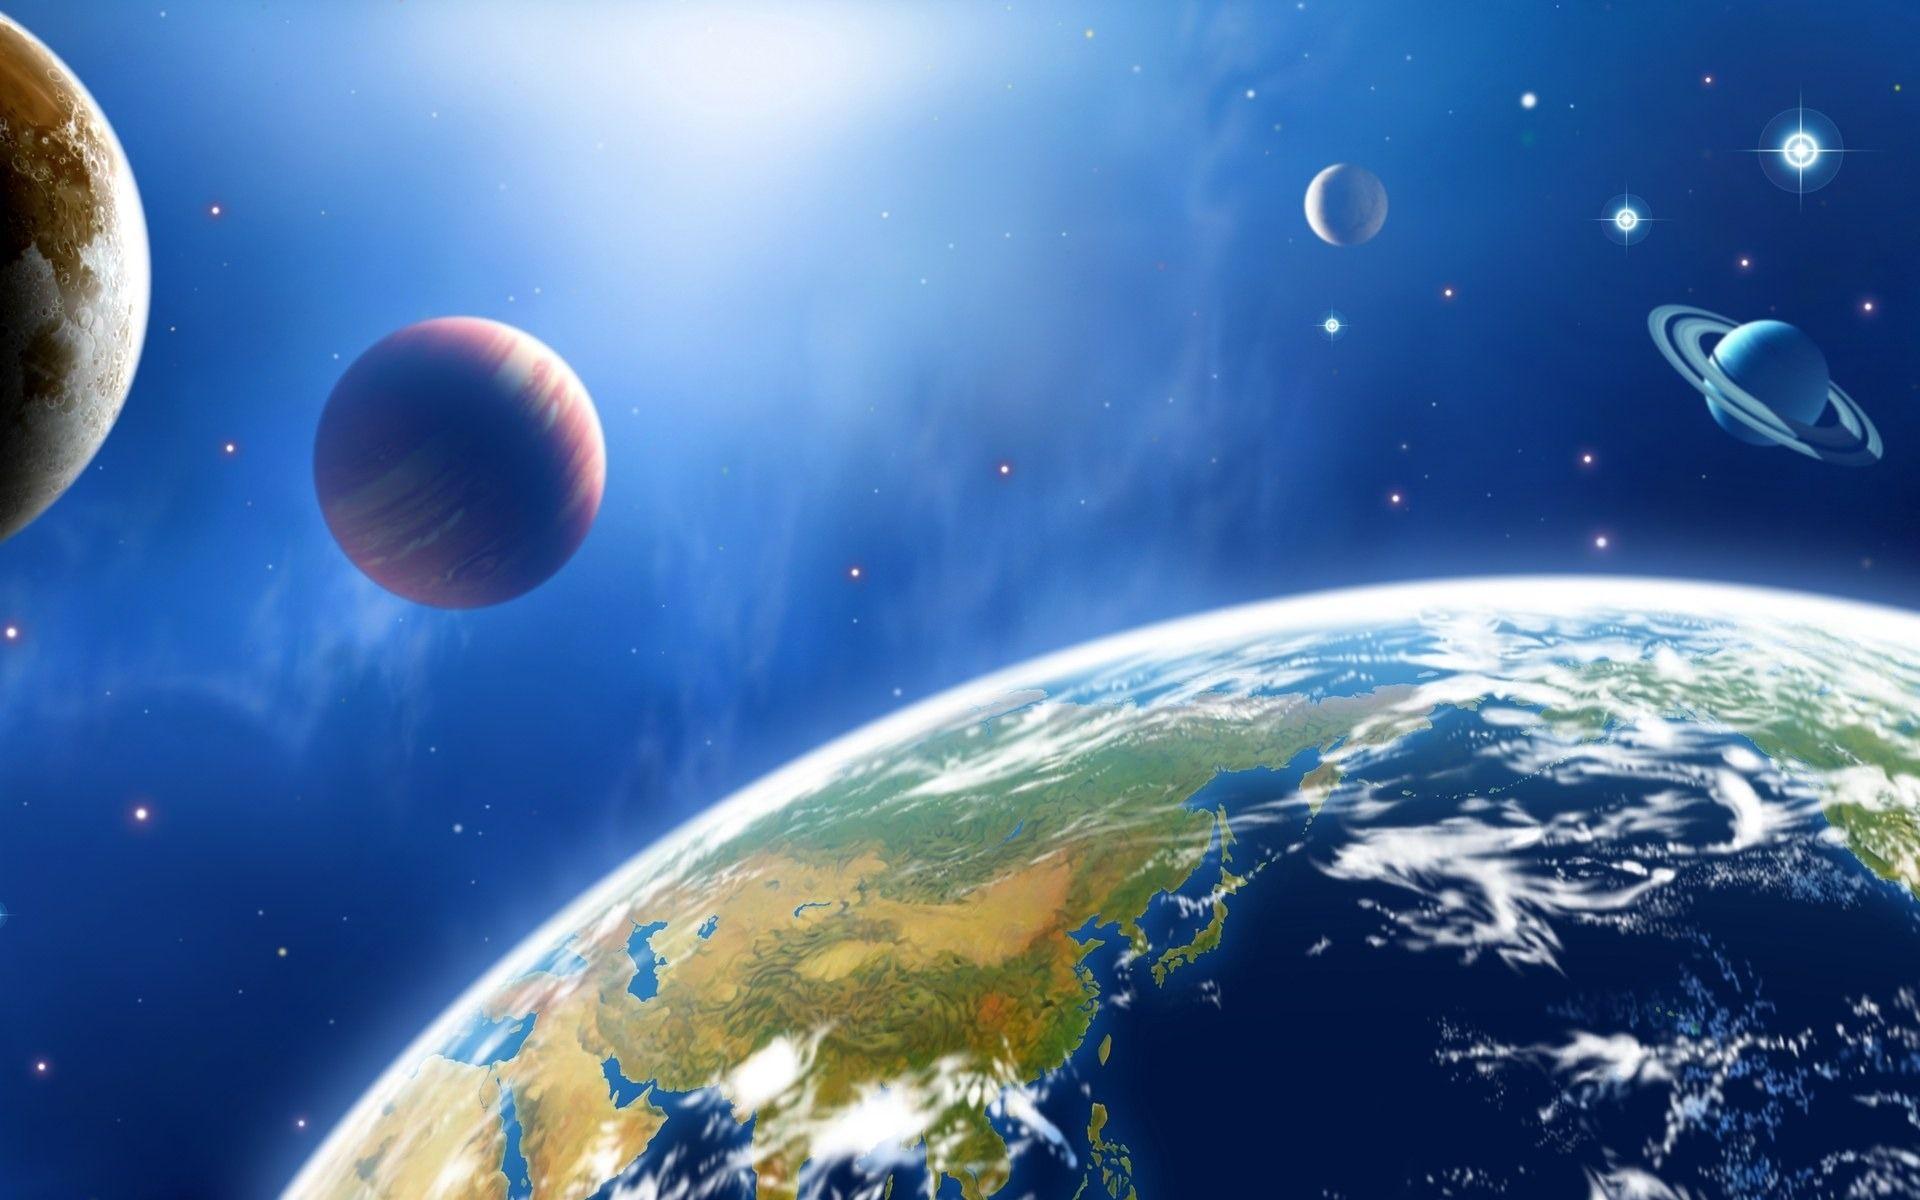 можно сделать, картинки космоса и планет презентации осмотр